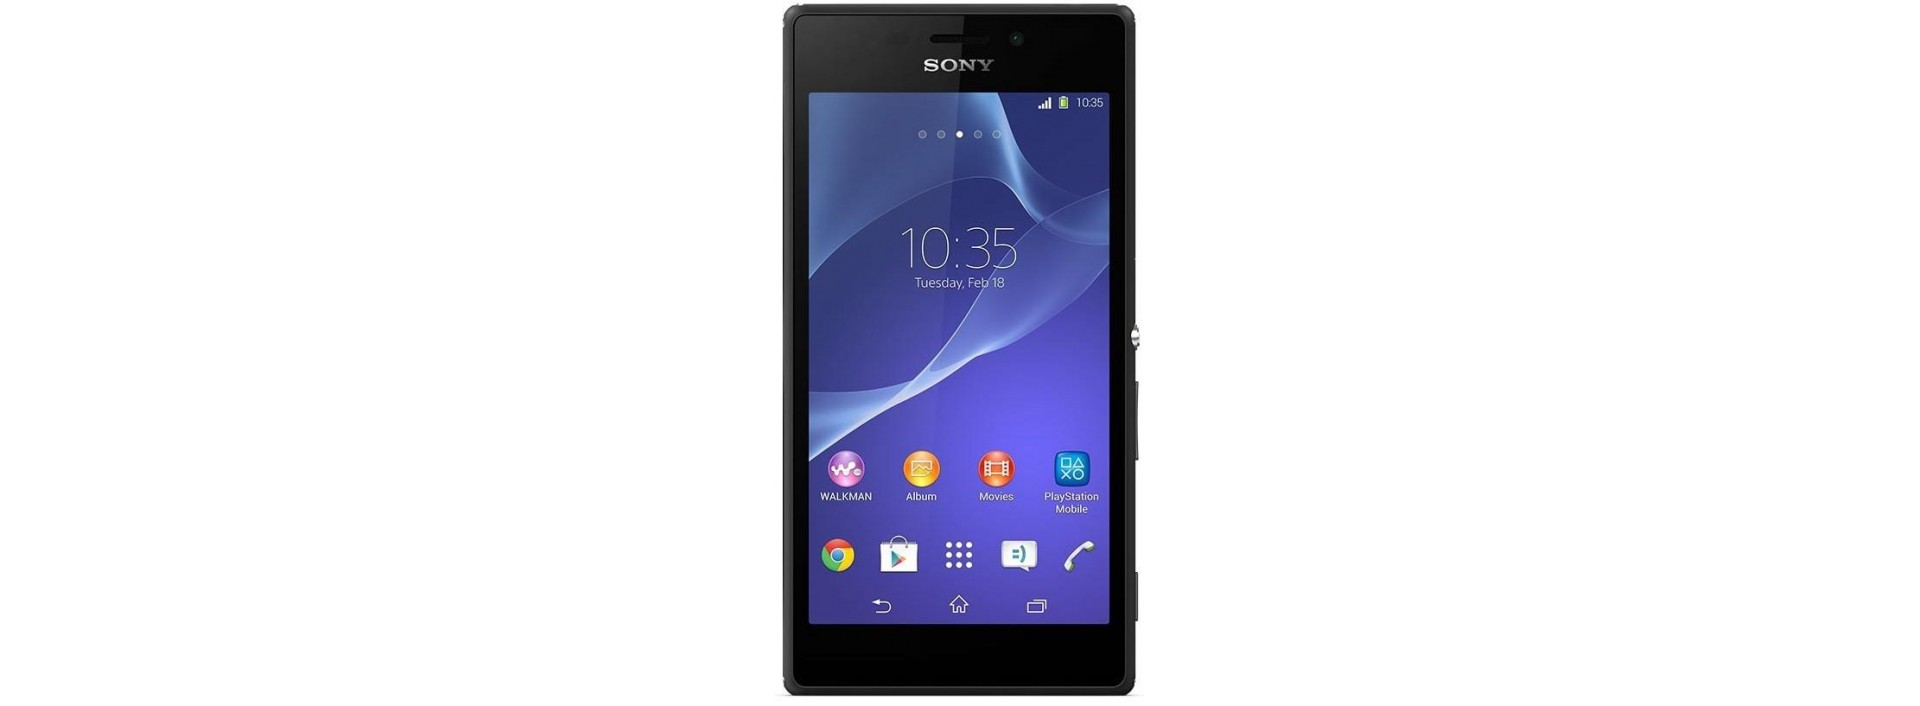 Fundas PERSONALIZADAS Sony Xperia  M2, compra ya, Envío Gratis en TMS